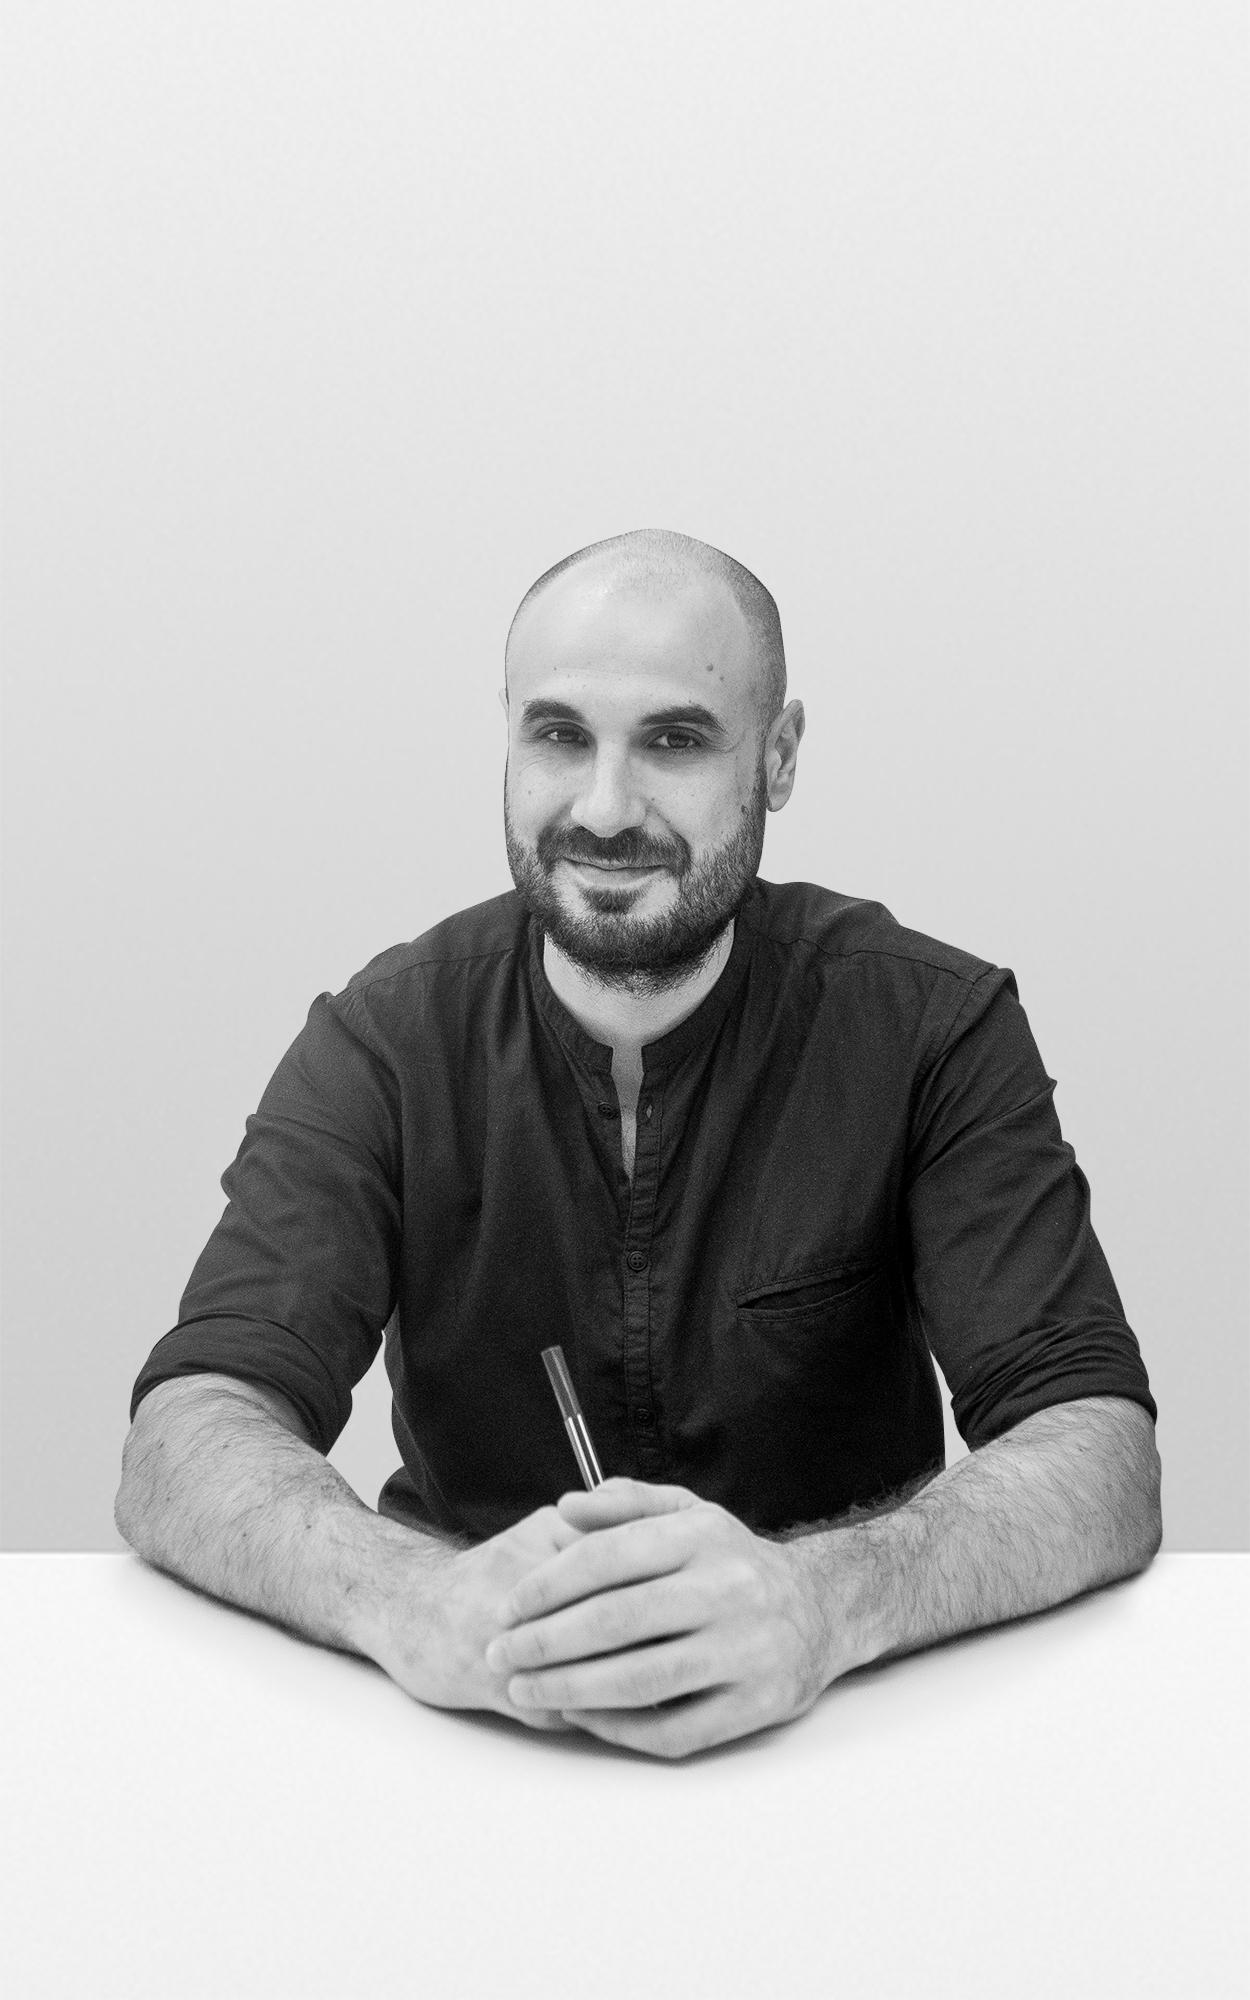 Fabio Virdis